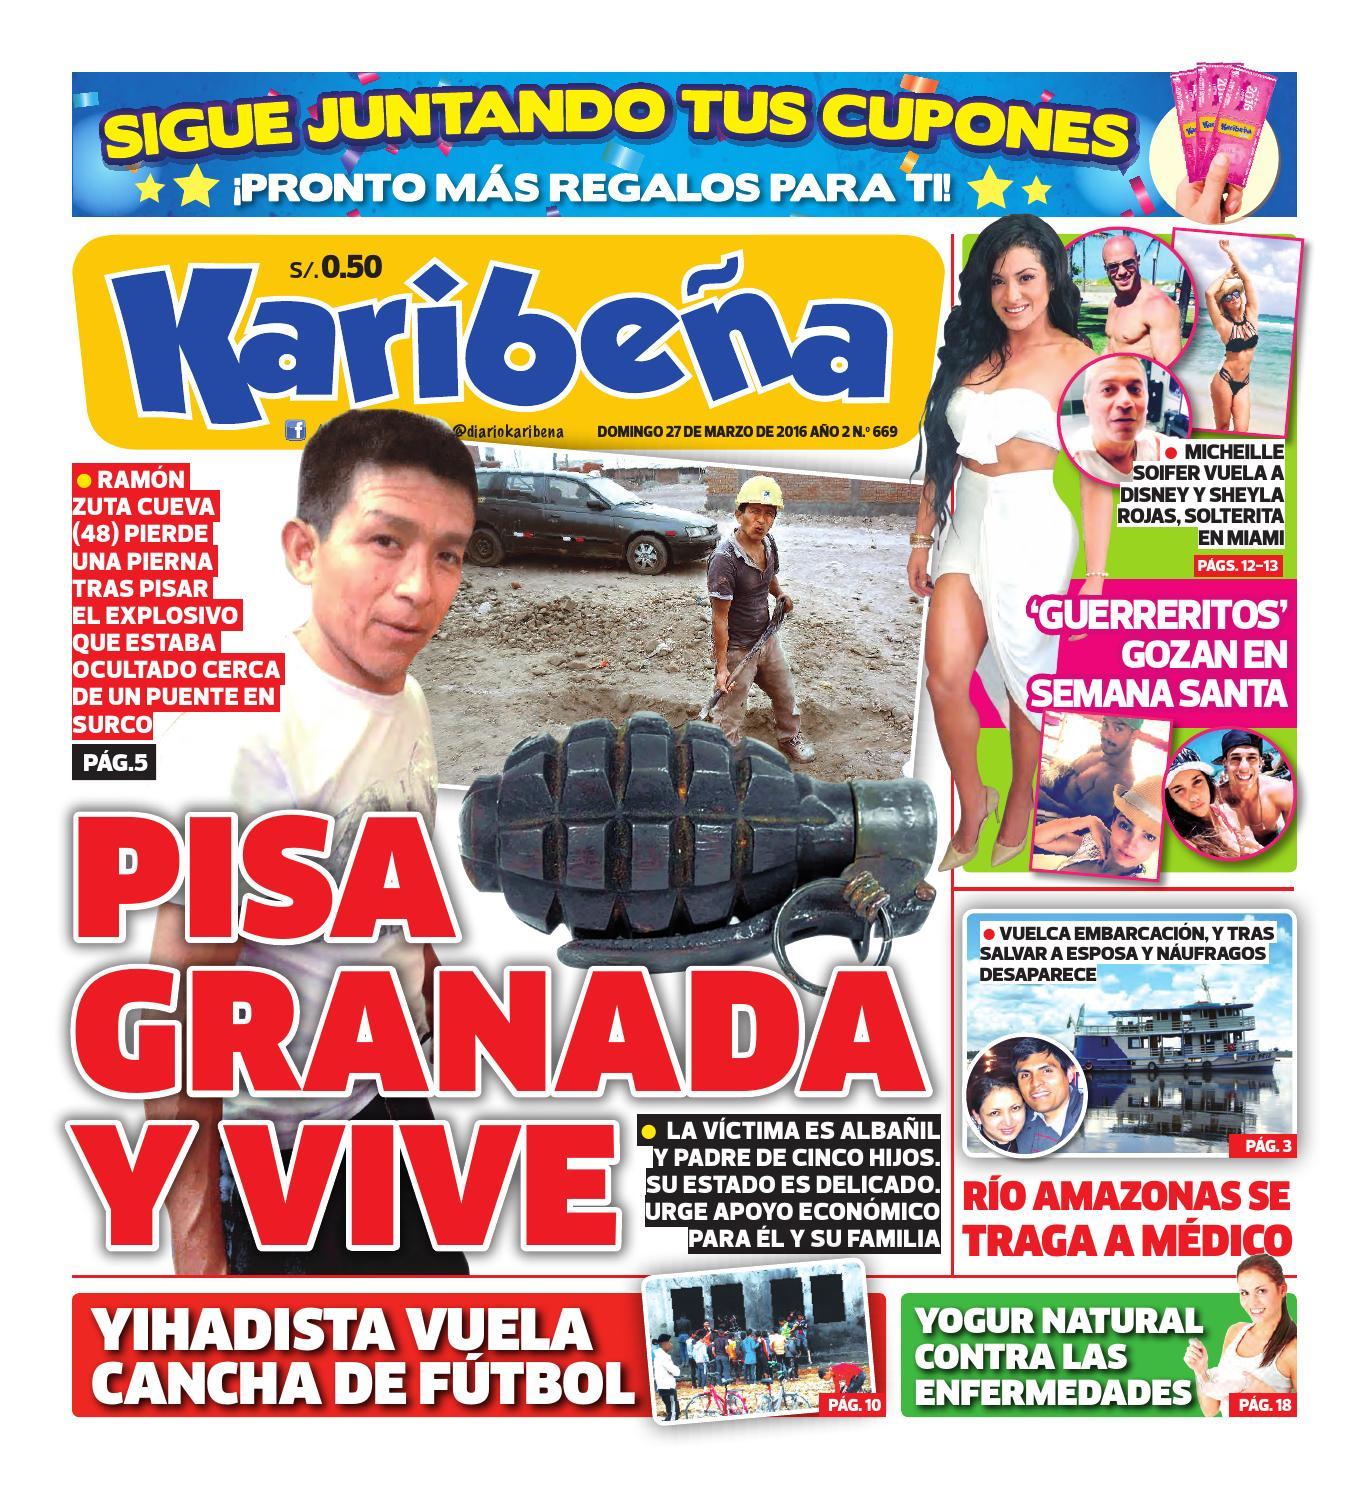 b52f935cd631 Diario Karibeña by Corporación Universal - Ediciones digitales - issuu